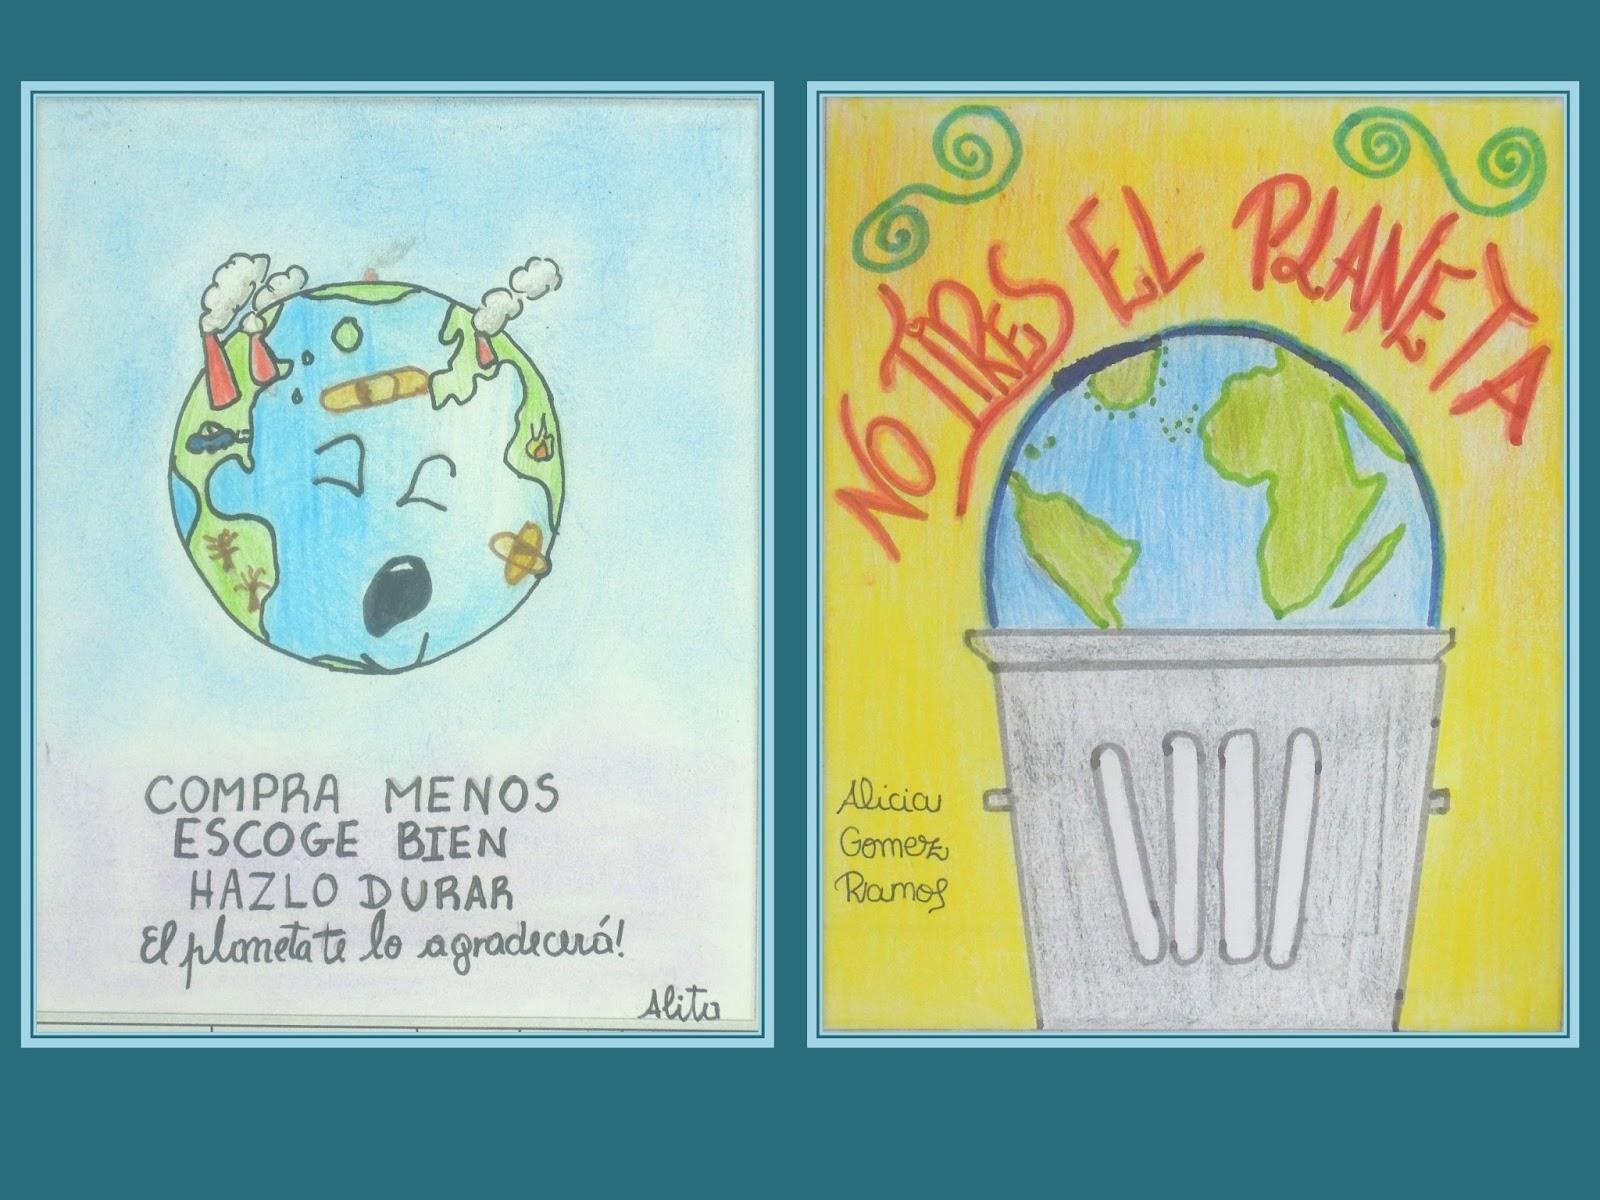 Dibujos Del Cuidado Del Medio Ambiente Finest Publicado: Carteles Sobre El Cuidado Del Medio Ambiente